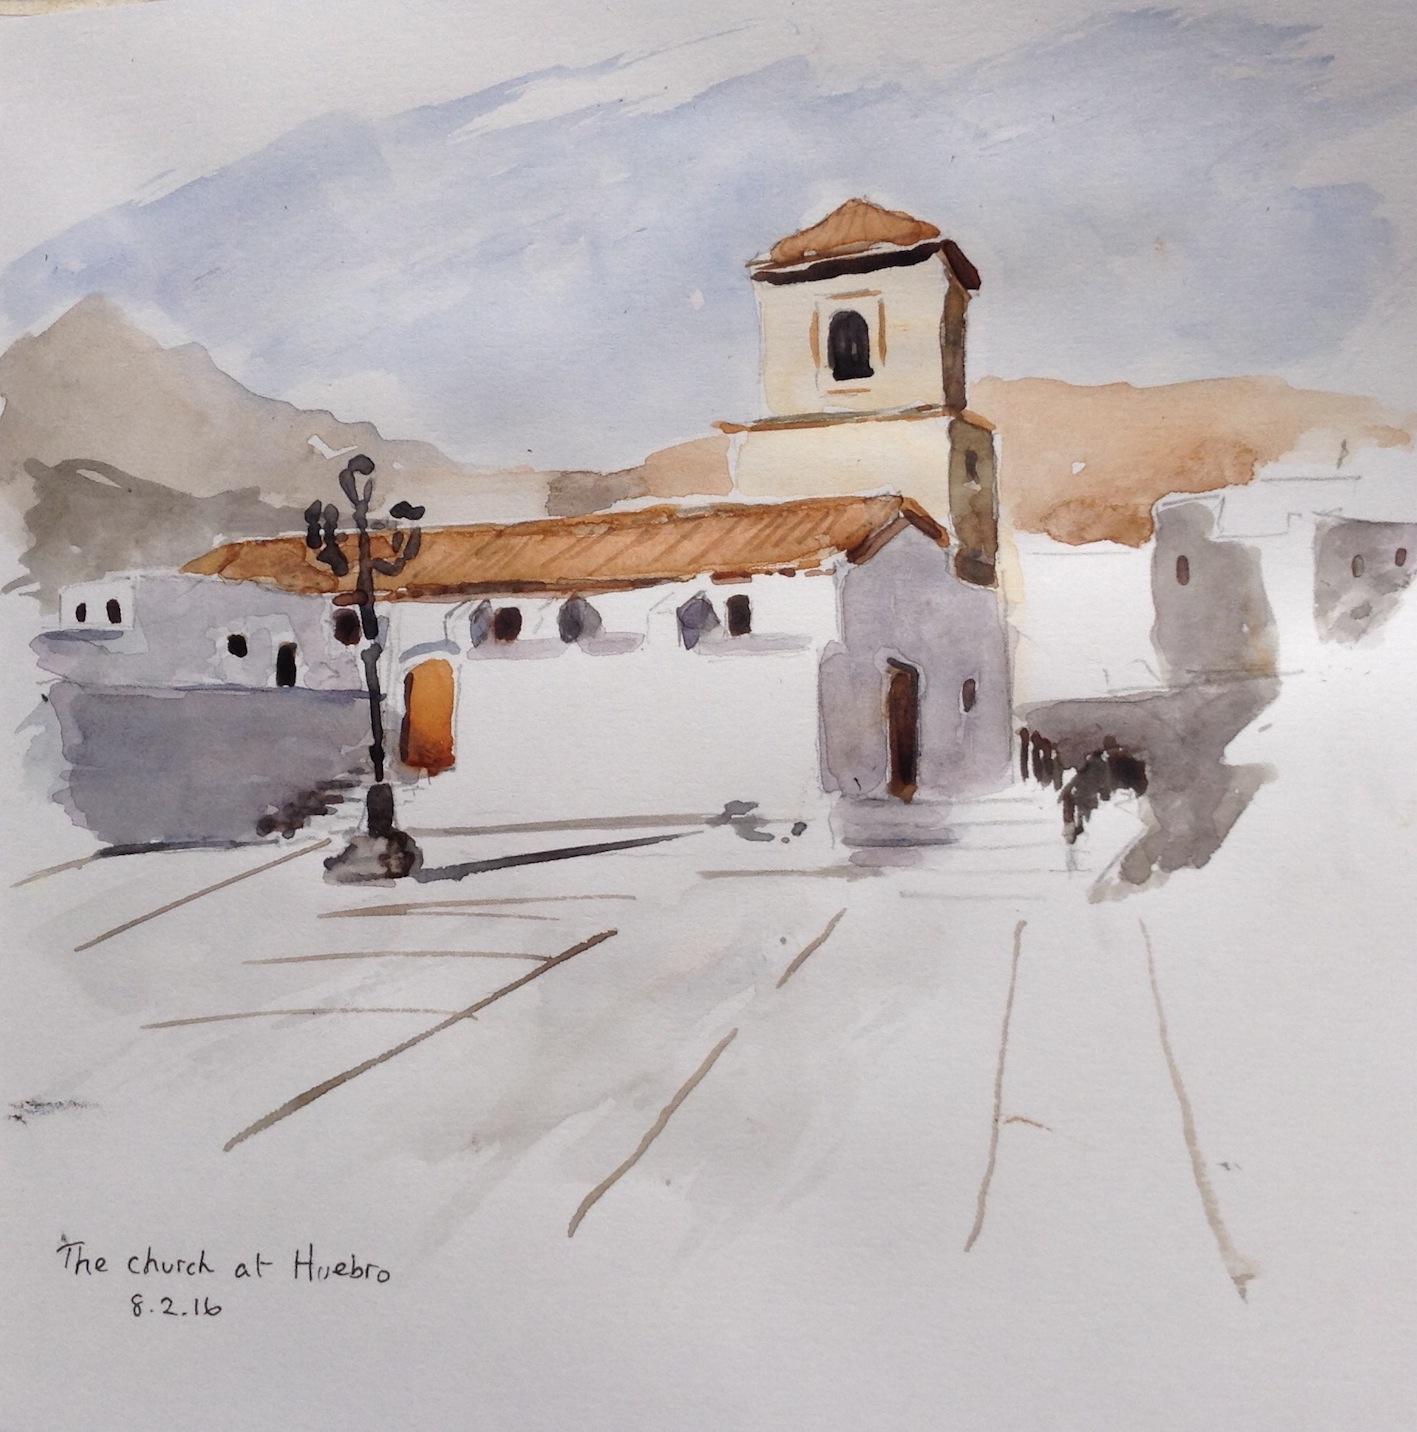 Church at Huebro